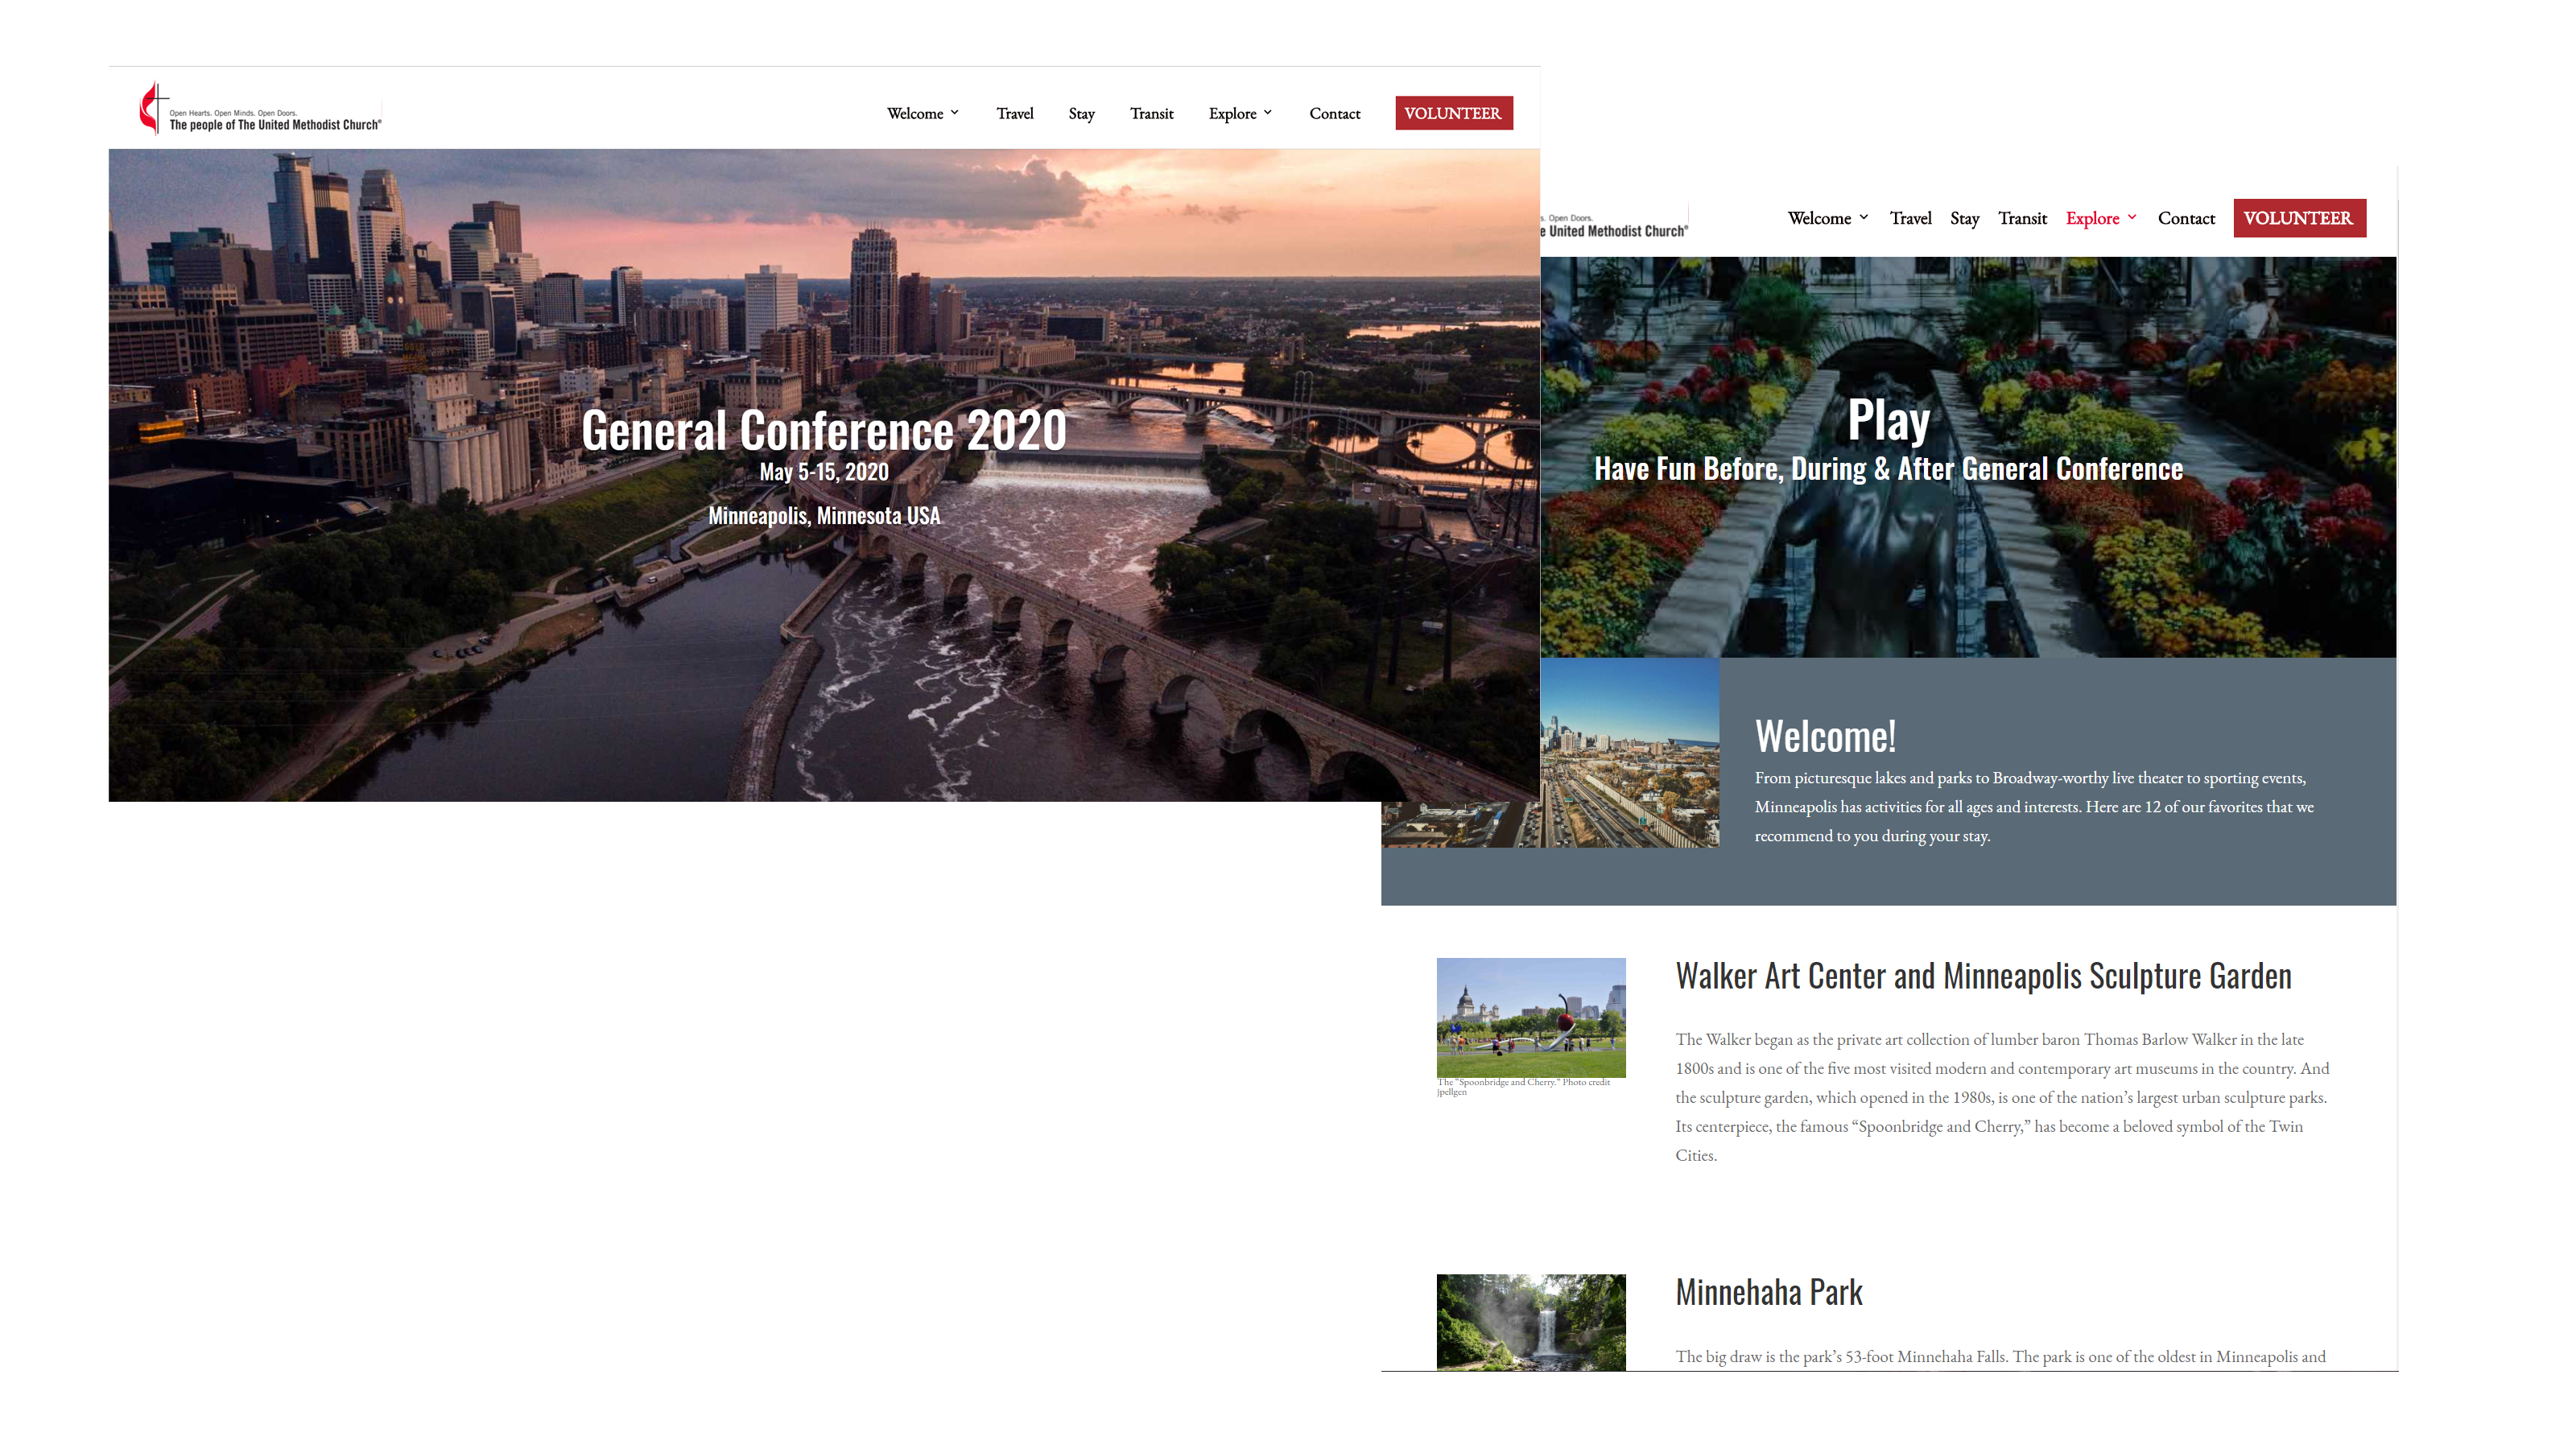 general-conference-2020-website